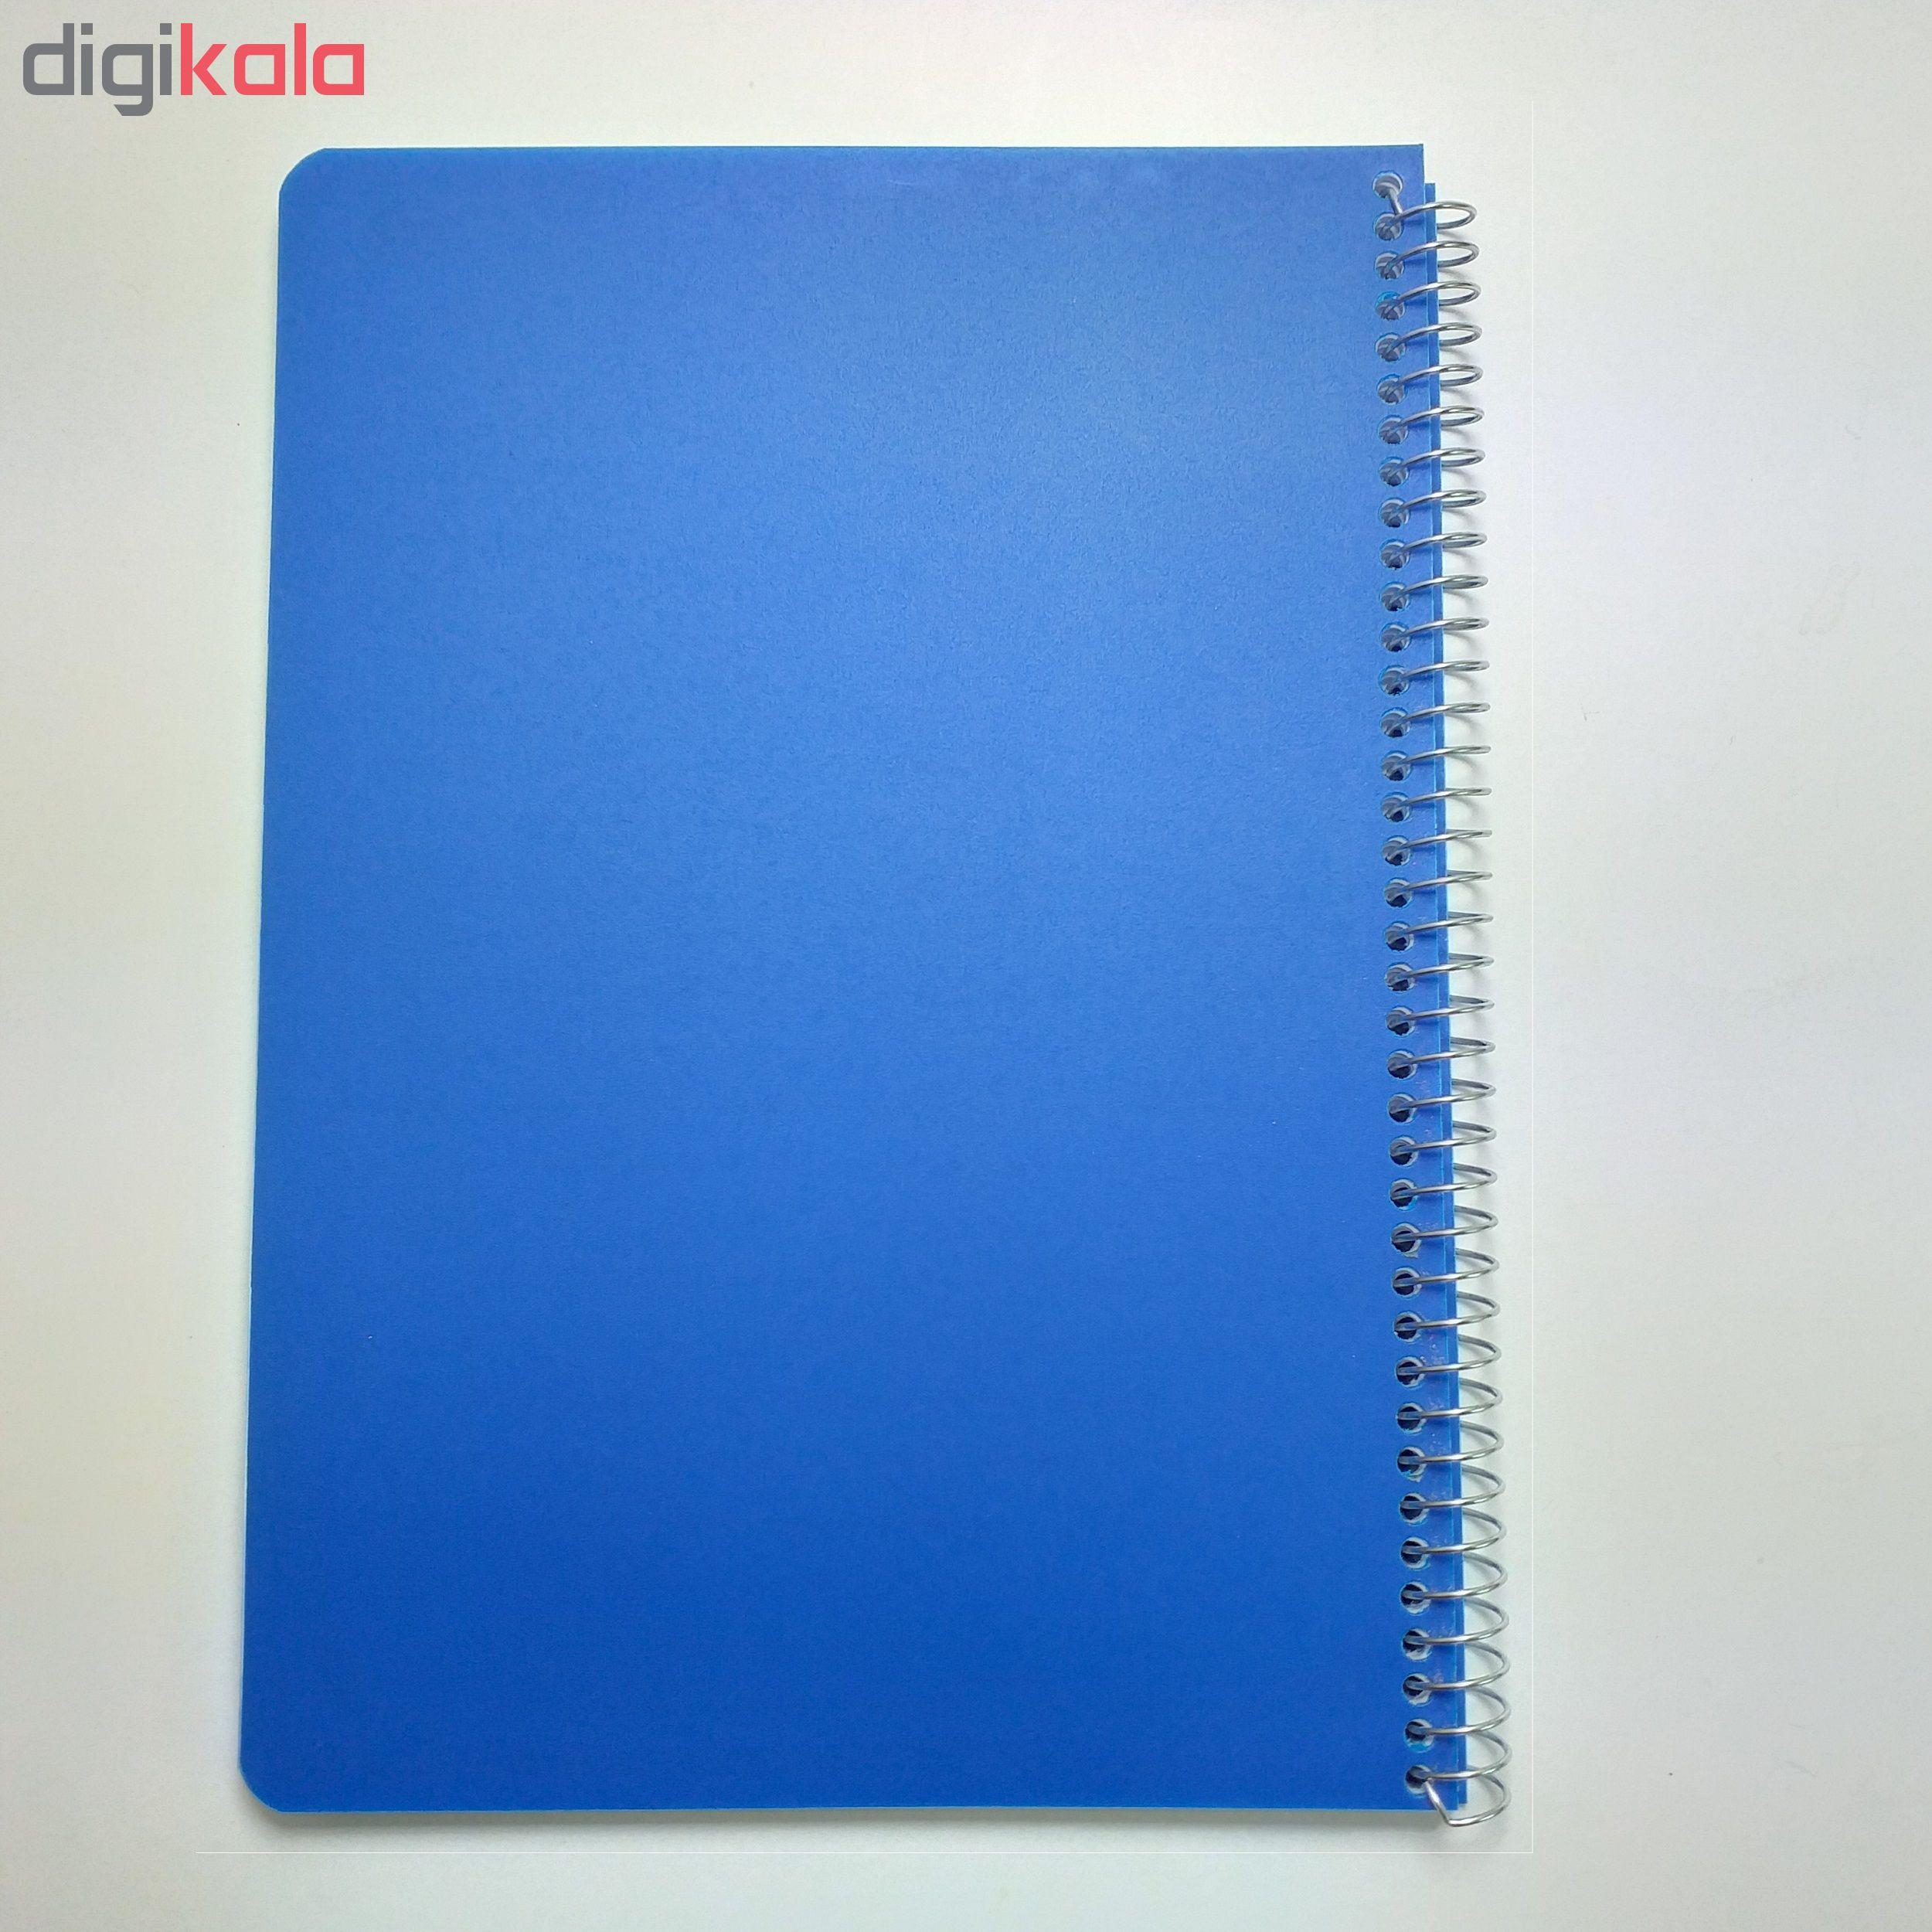 قیمت خرید دفتر مشق 50 برگ مدل DA1002 اورجینال